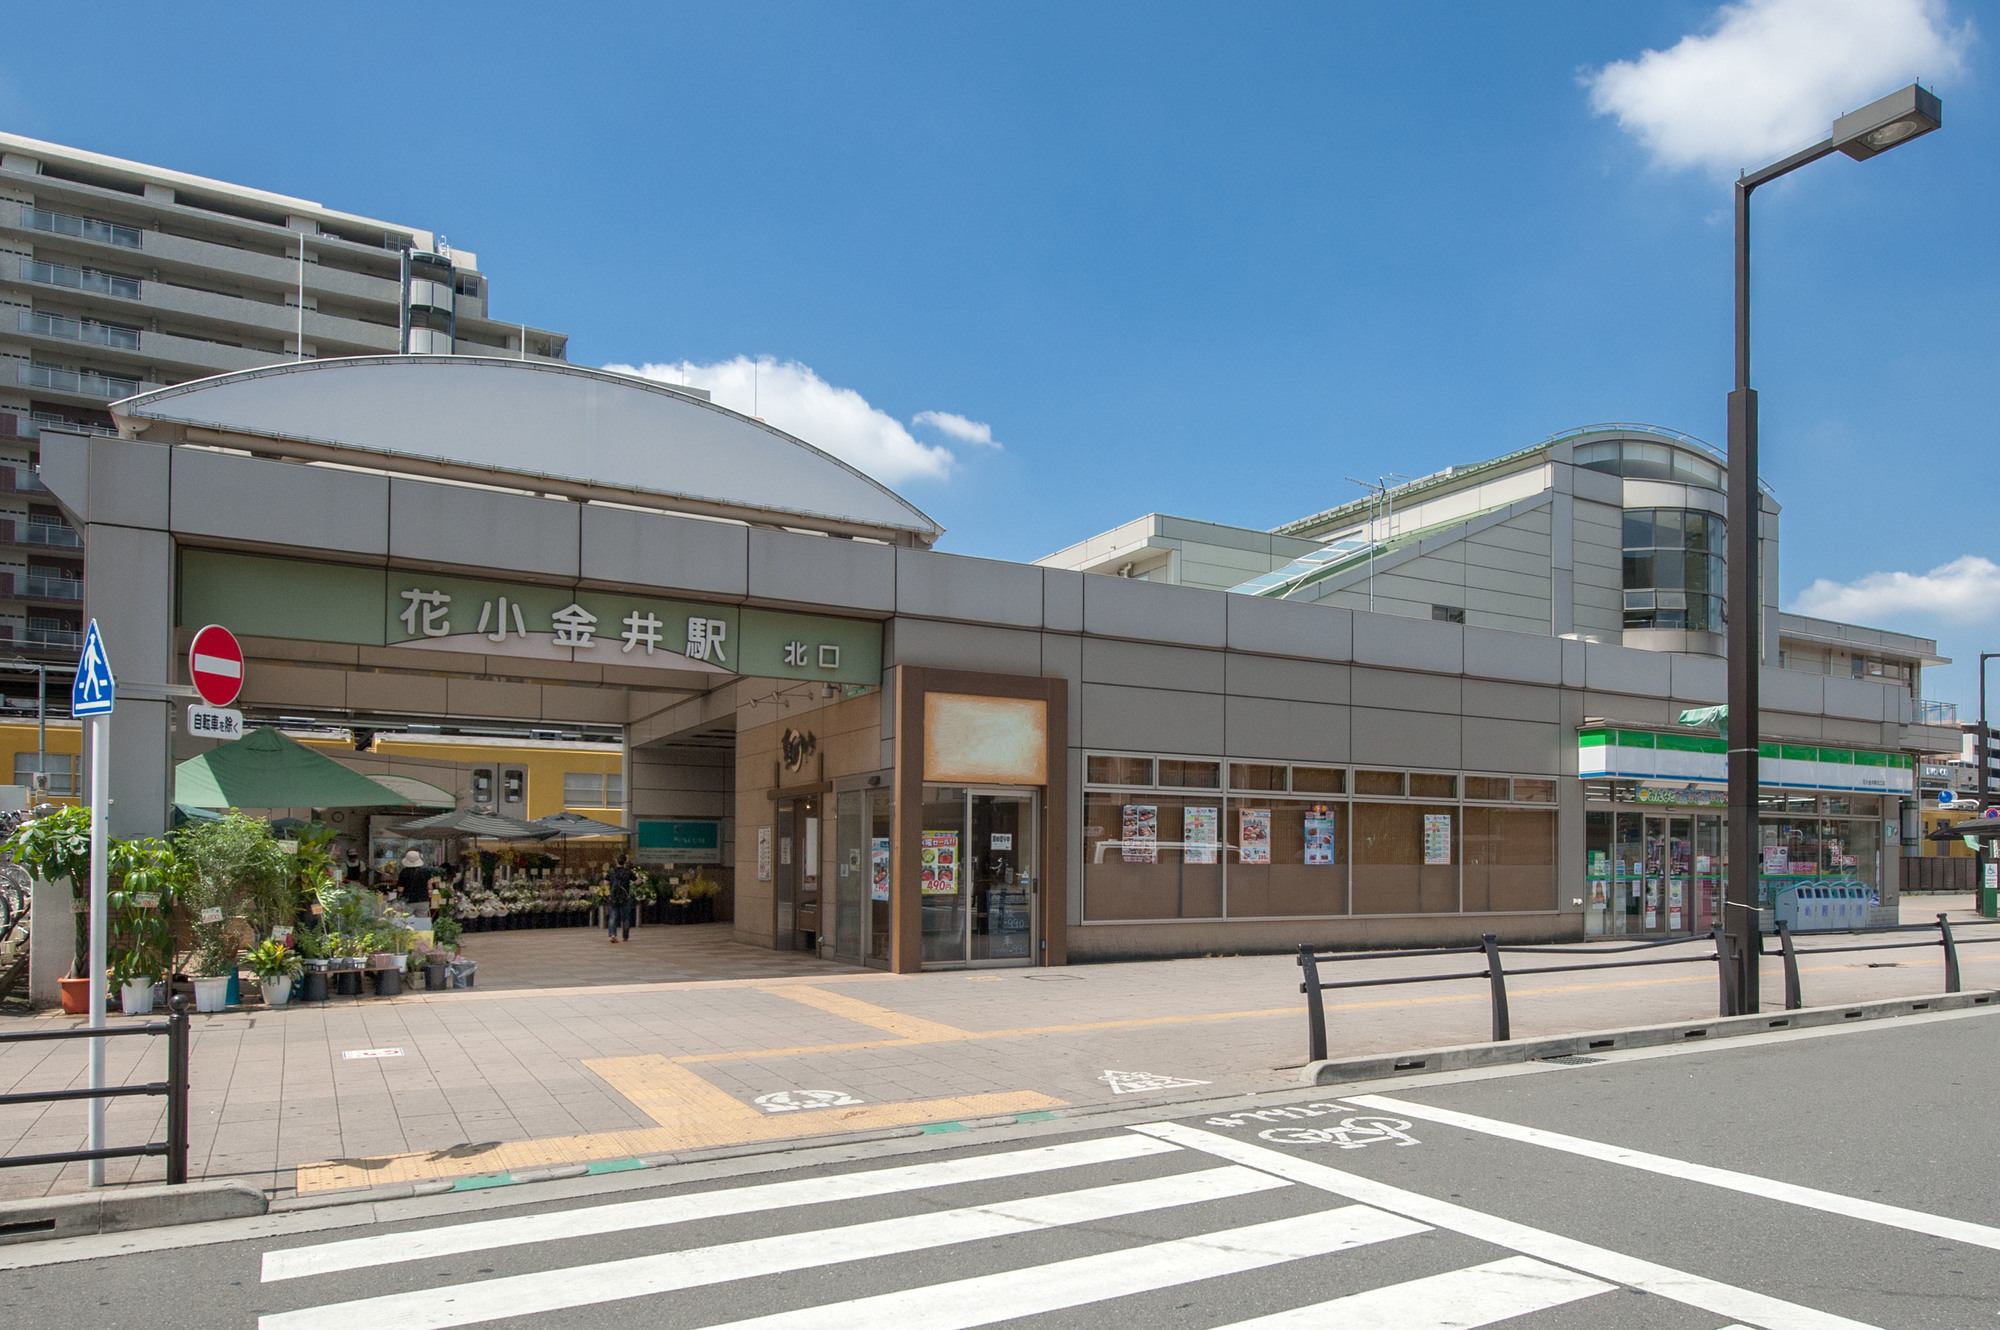 土曜に通院したい方へ!花小金井駅の歯医者さん、おすすめポイント紹介